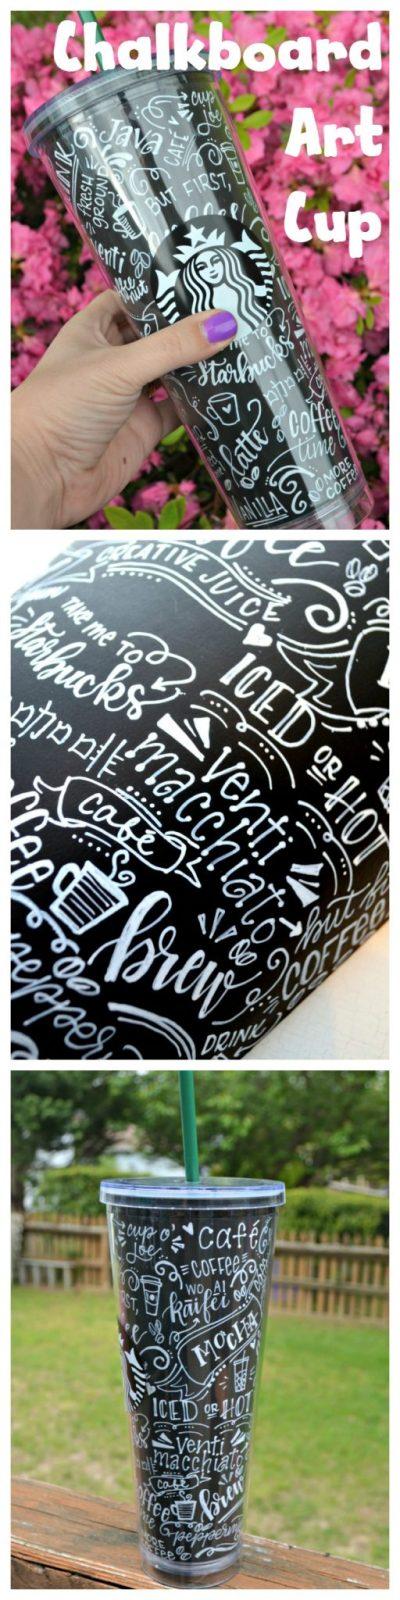 Chalkboard Art Coffee Cup